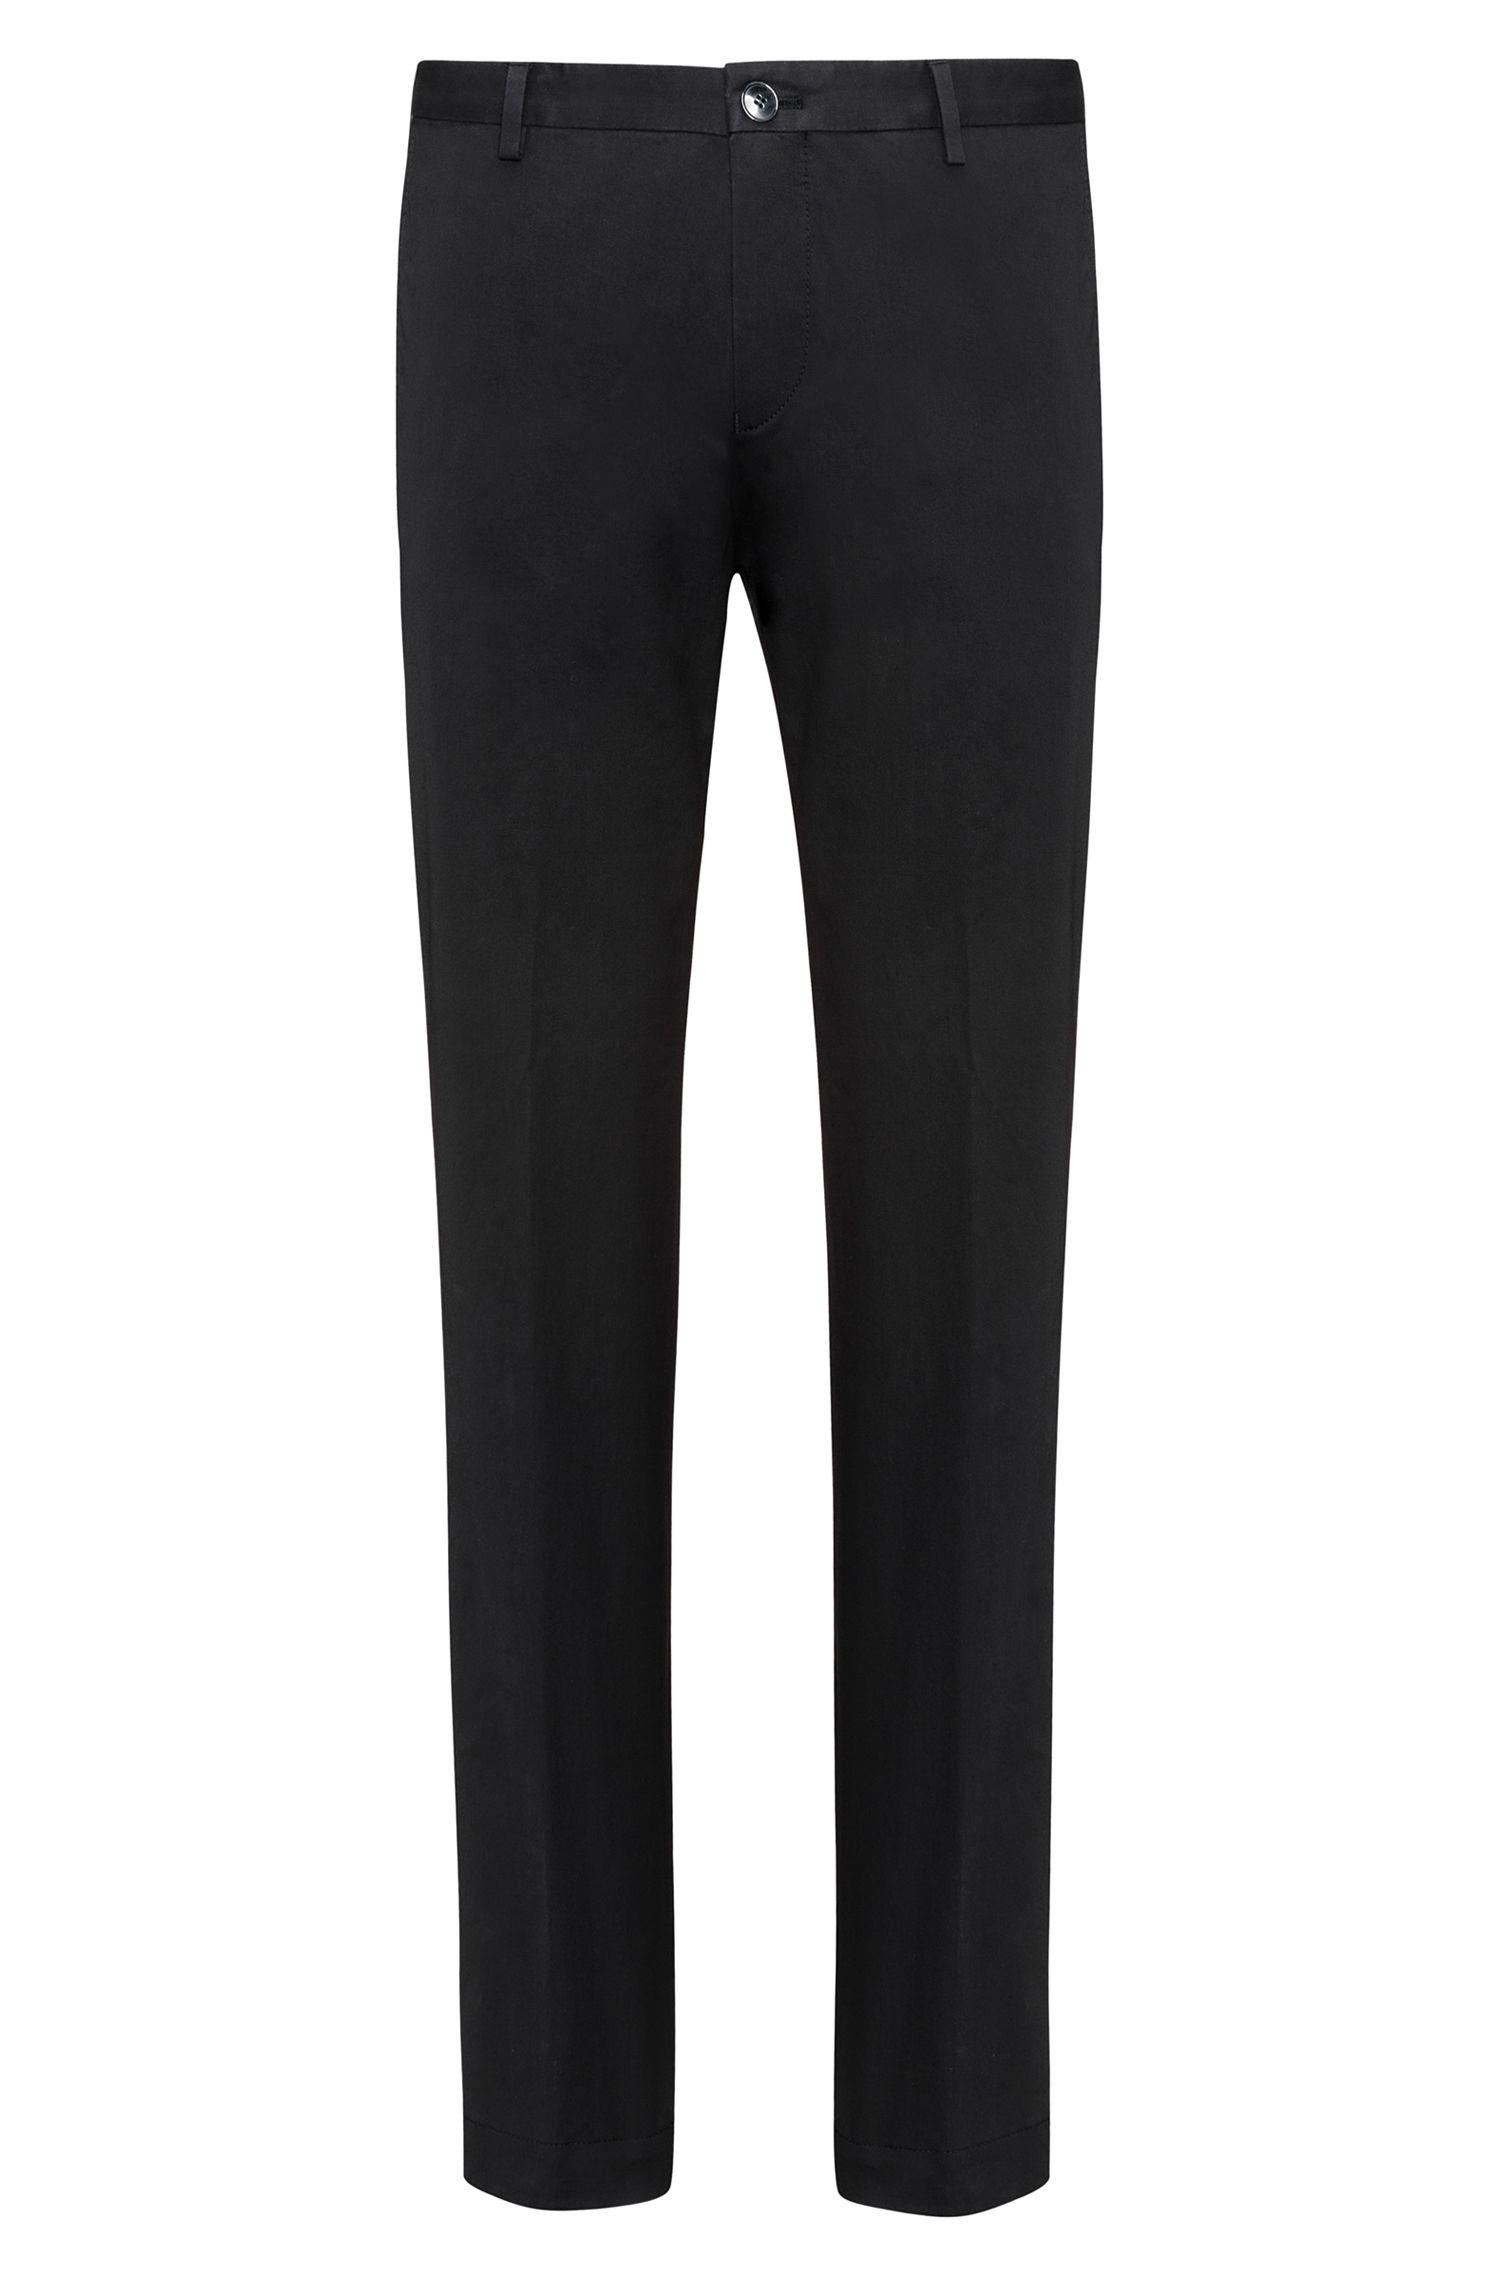 Pantalon SlimFit en coton stretch légèrement délavé